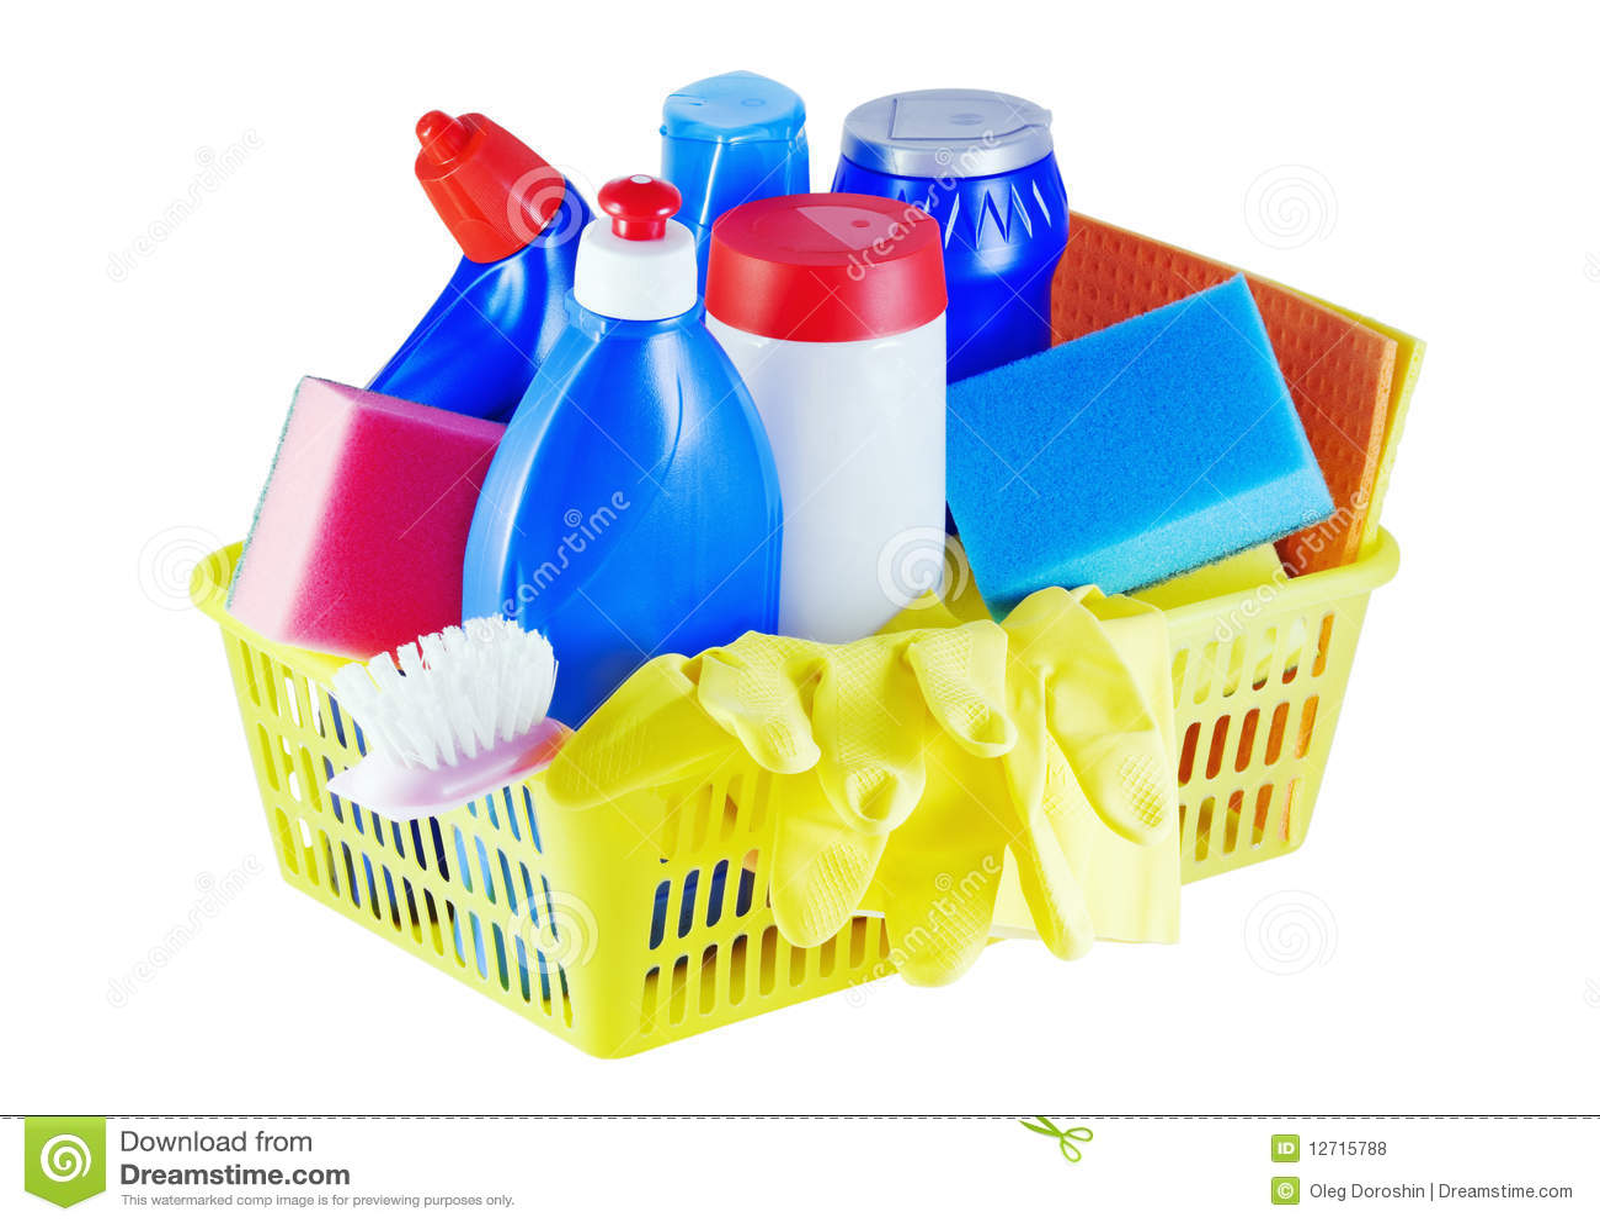 Productos qu micos de hogar fotos de archivo libres de for Articulos para limpieza del hogar